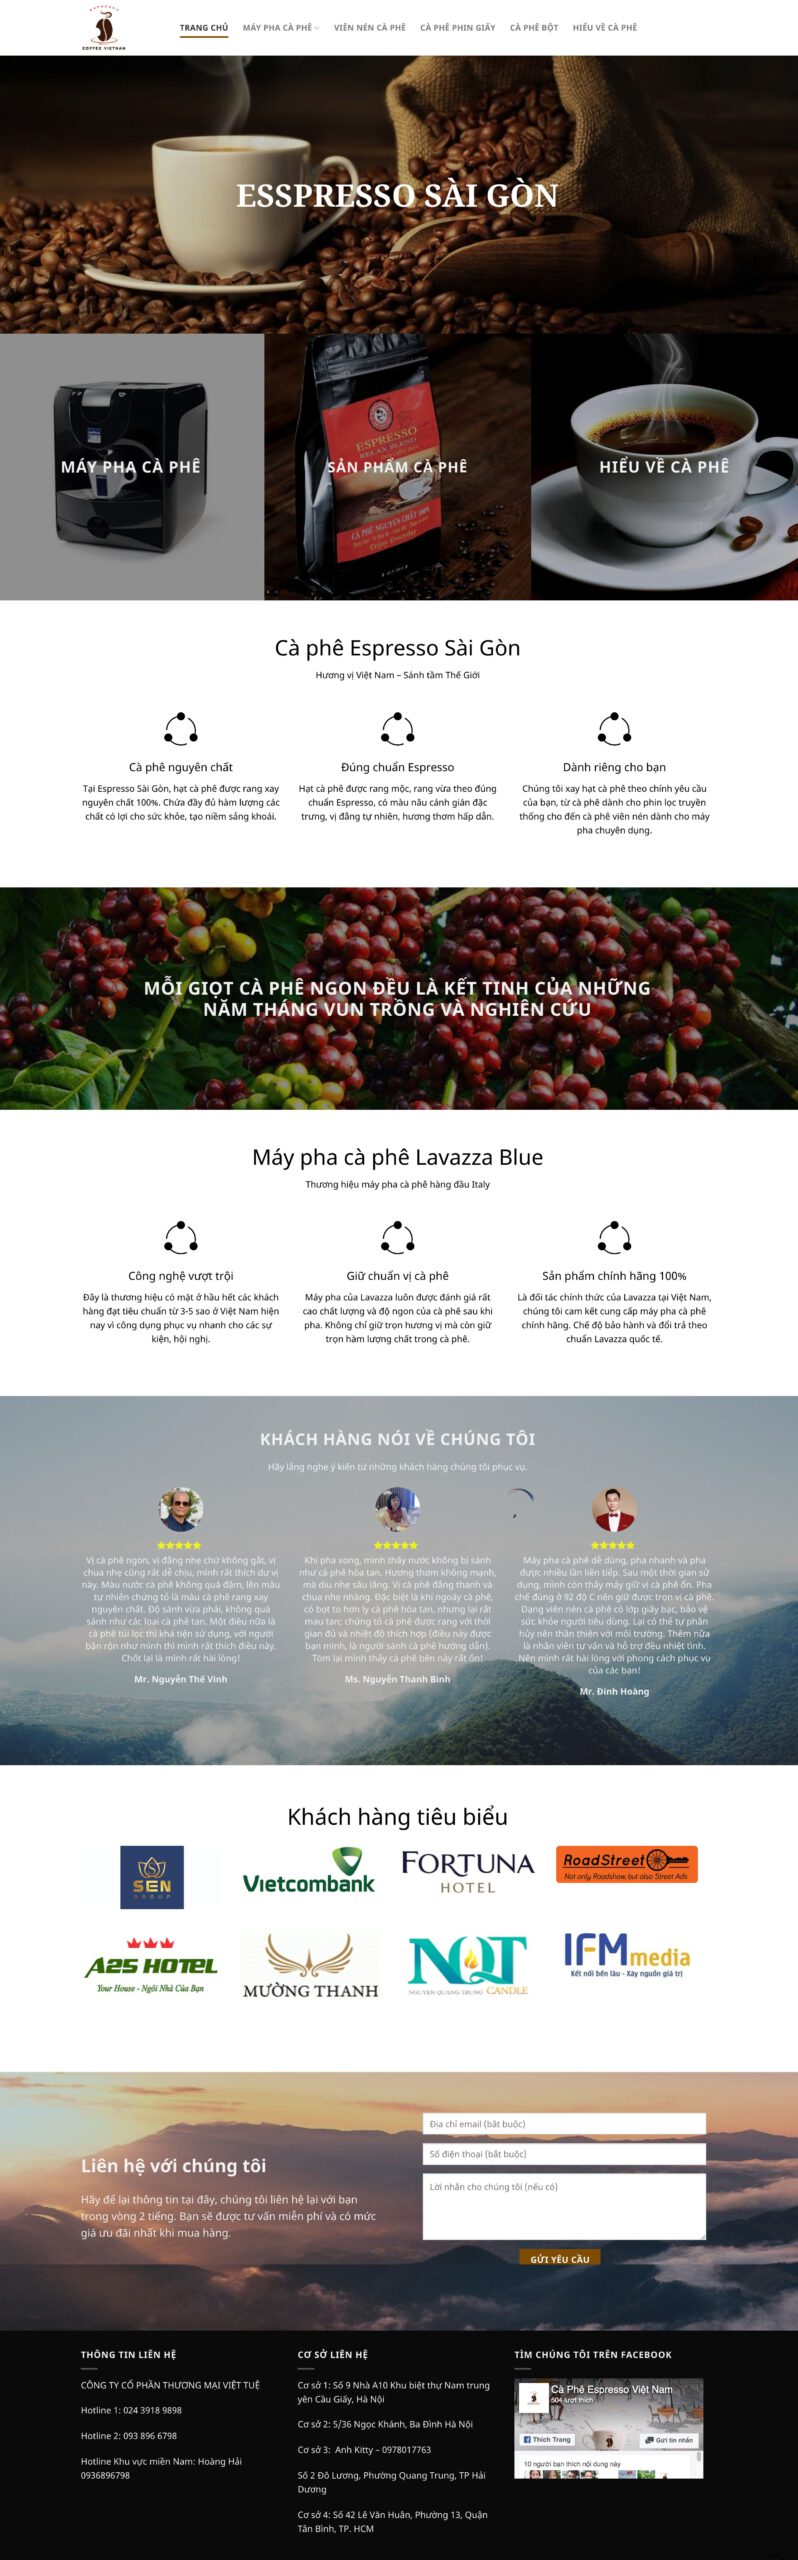 espressosaigon.com